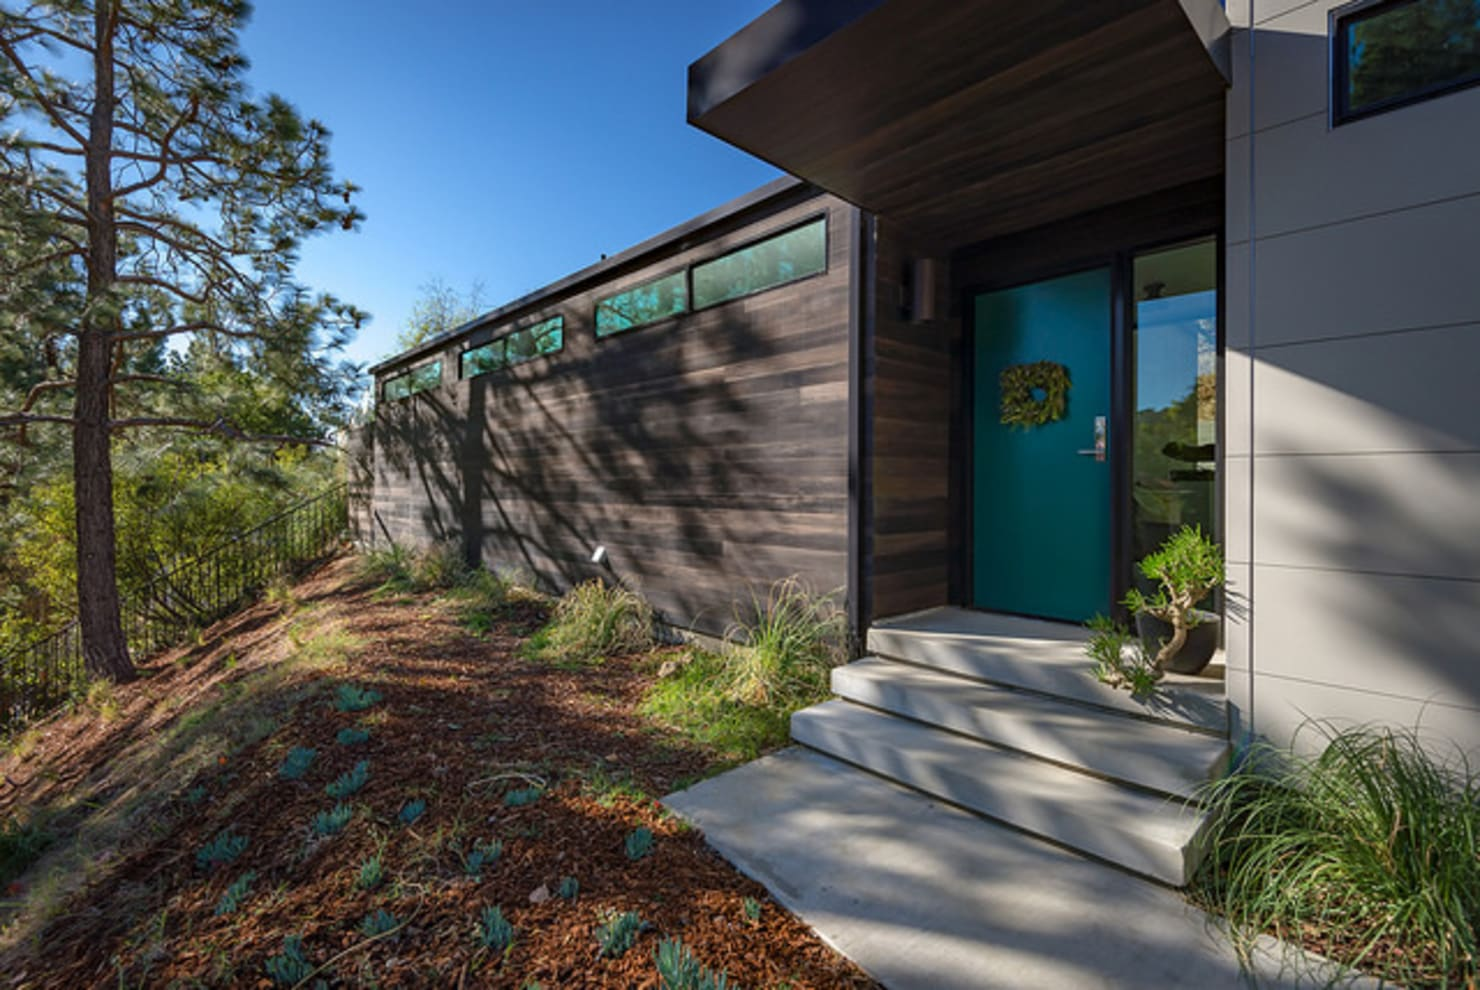 Viviendas prefabricadas: ¡tu casa del futuro!